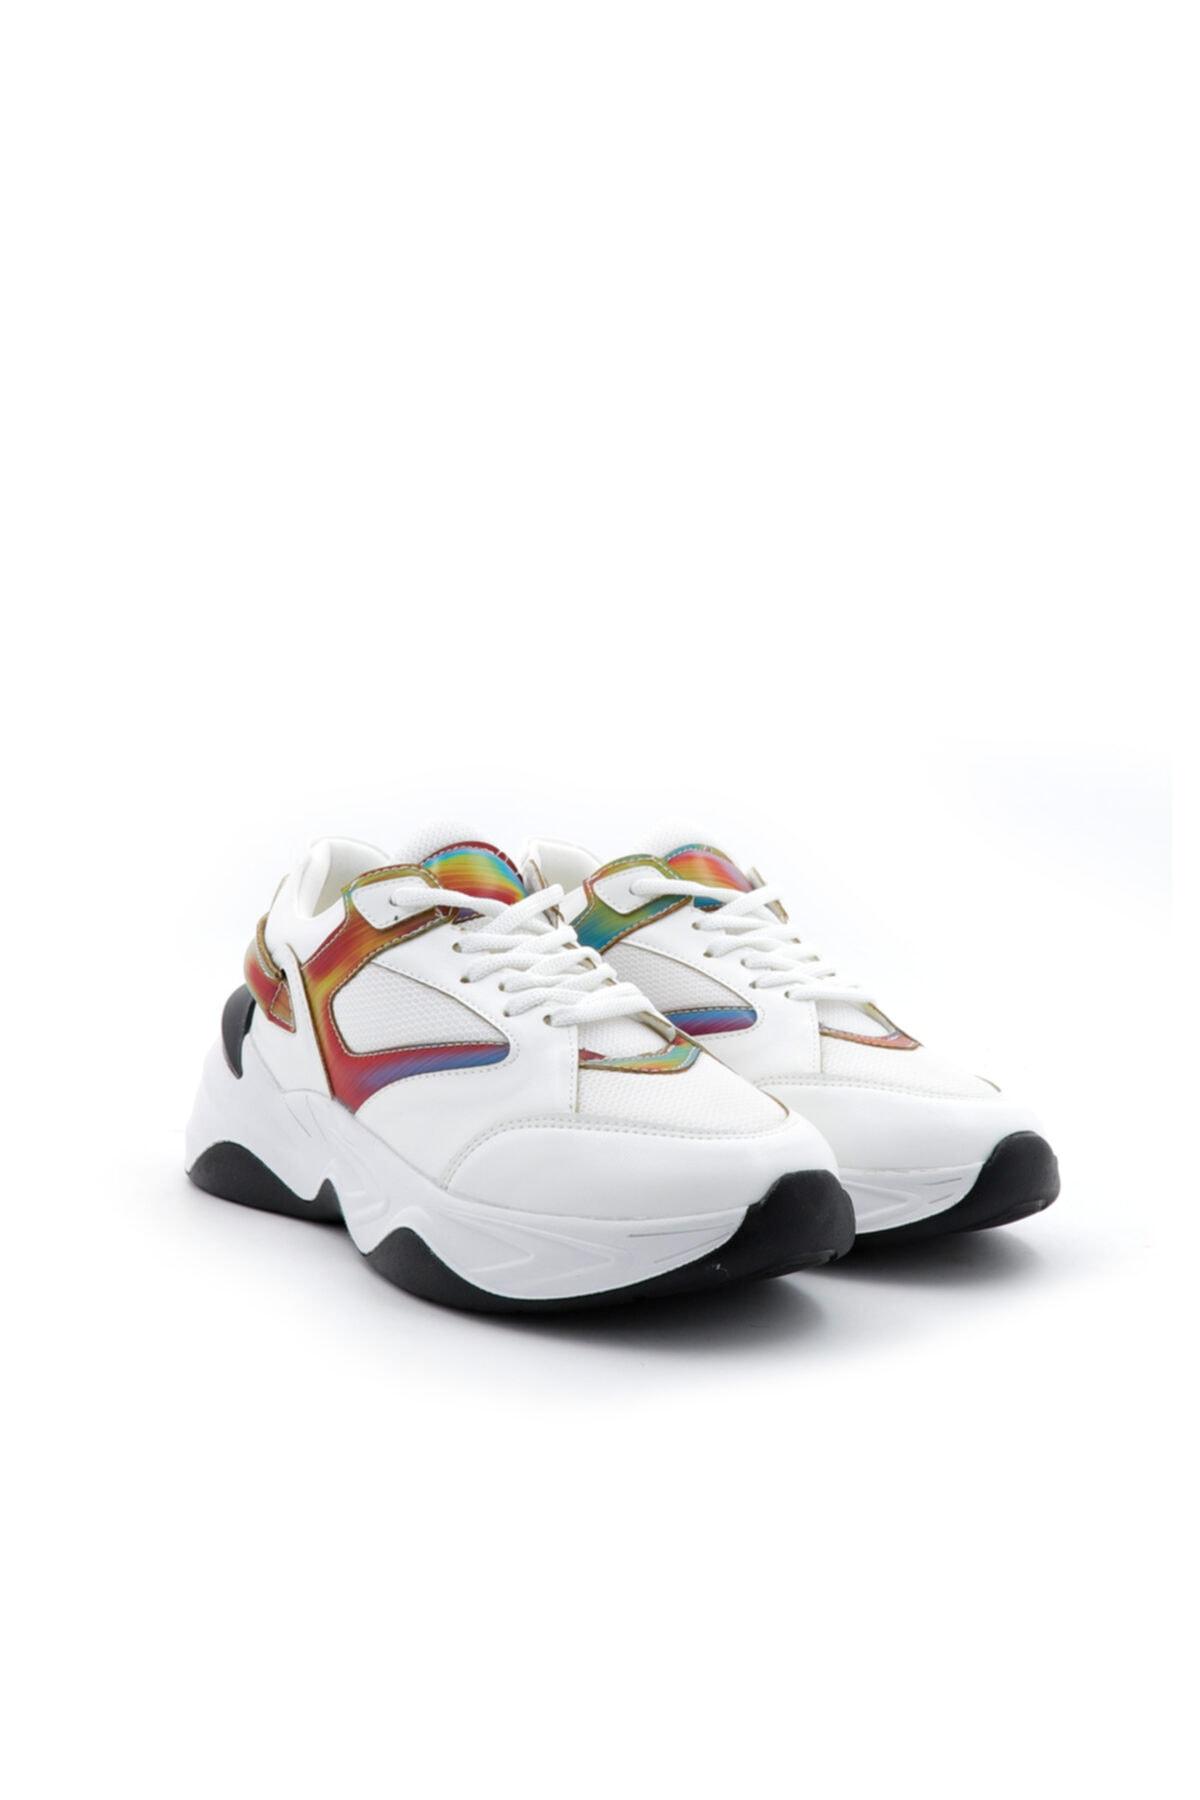 Koşak Yeni Sezon Yazlık Kadın Sneaker